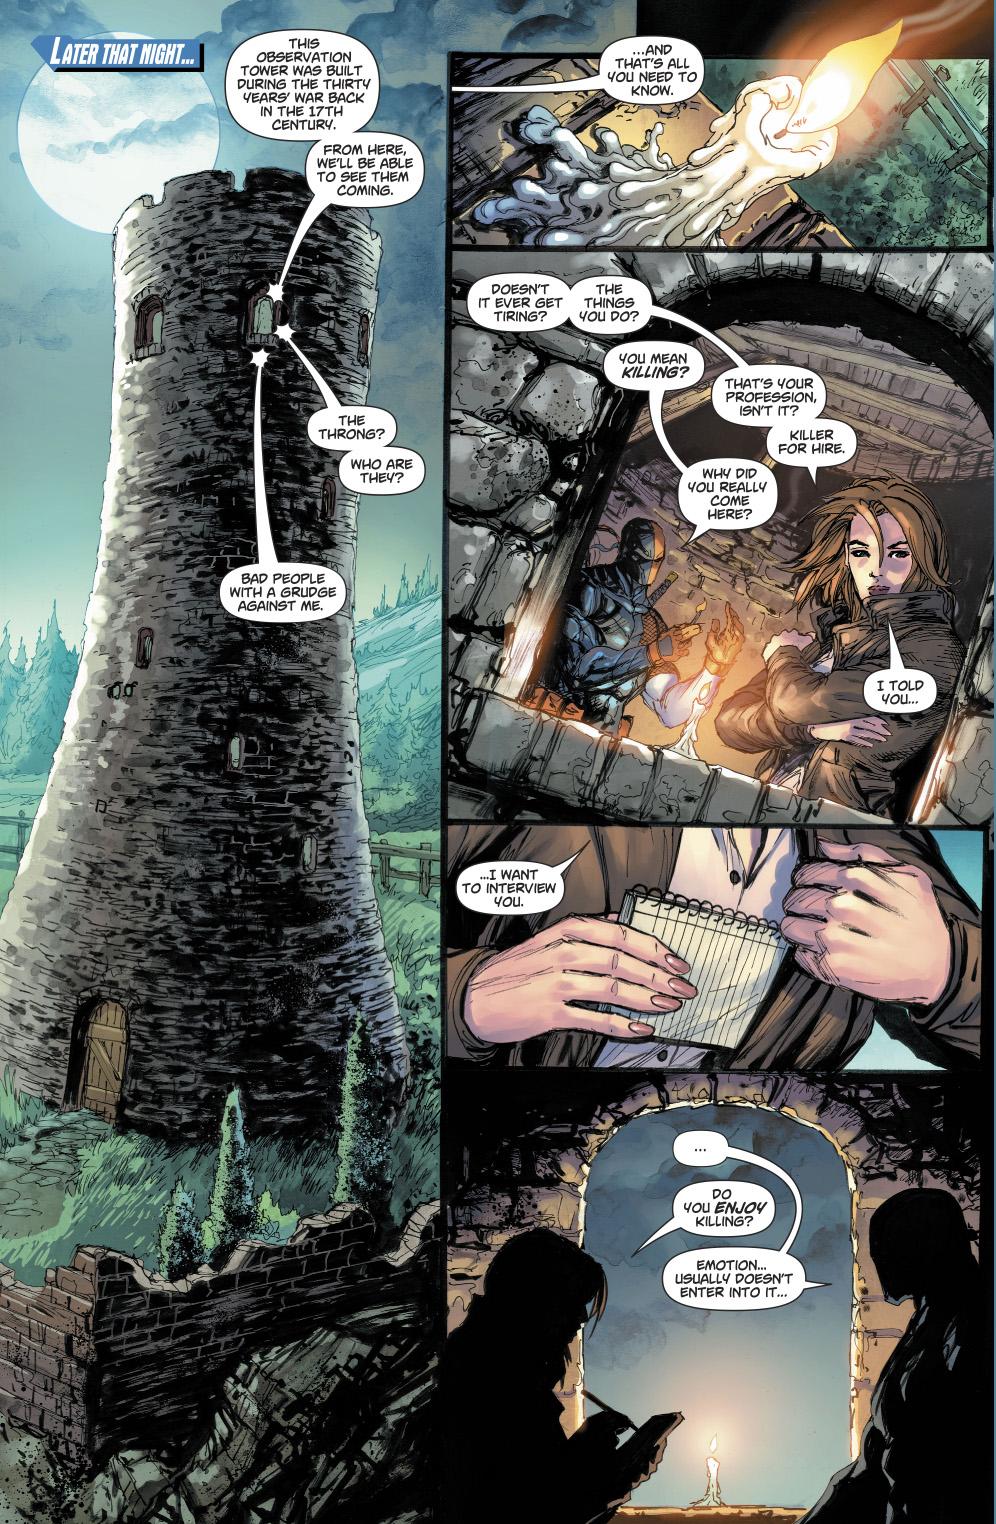 Lois Lane Interviews Deathstroke